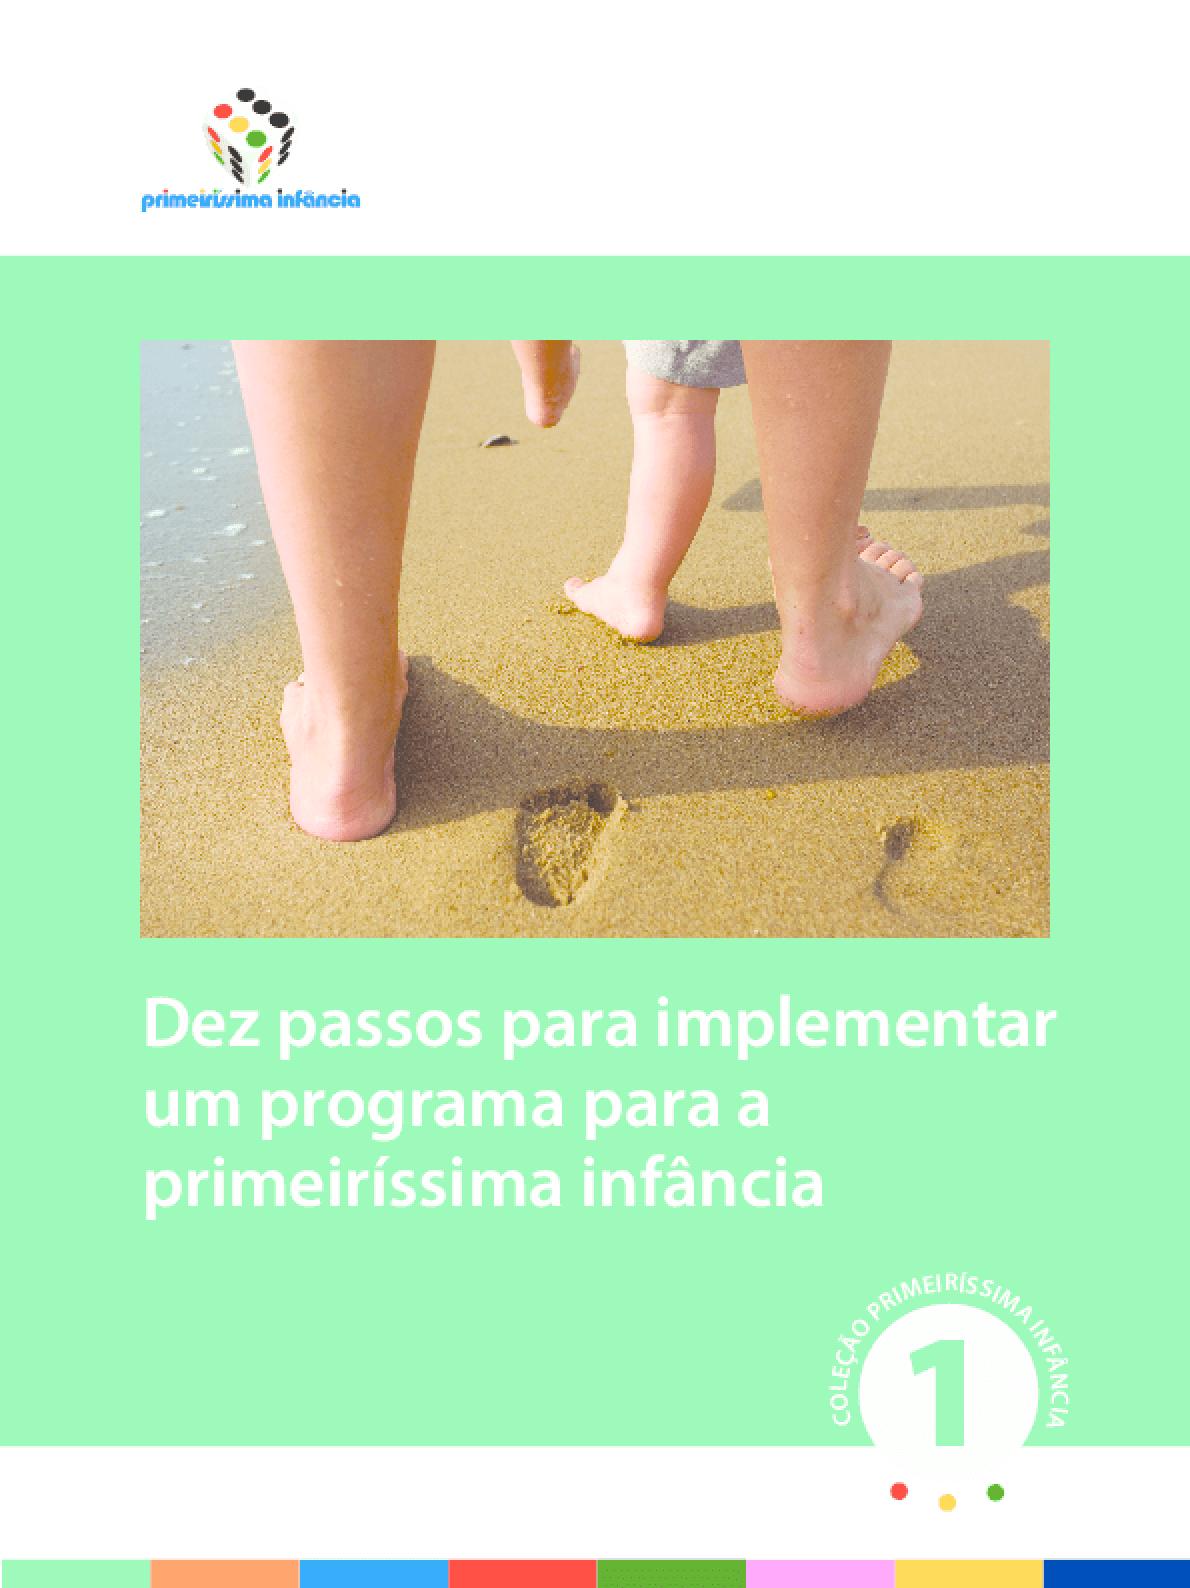 Dez passos para implementar um programa para a primeiríssima infância